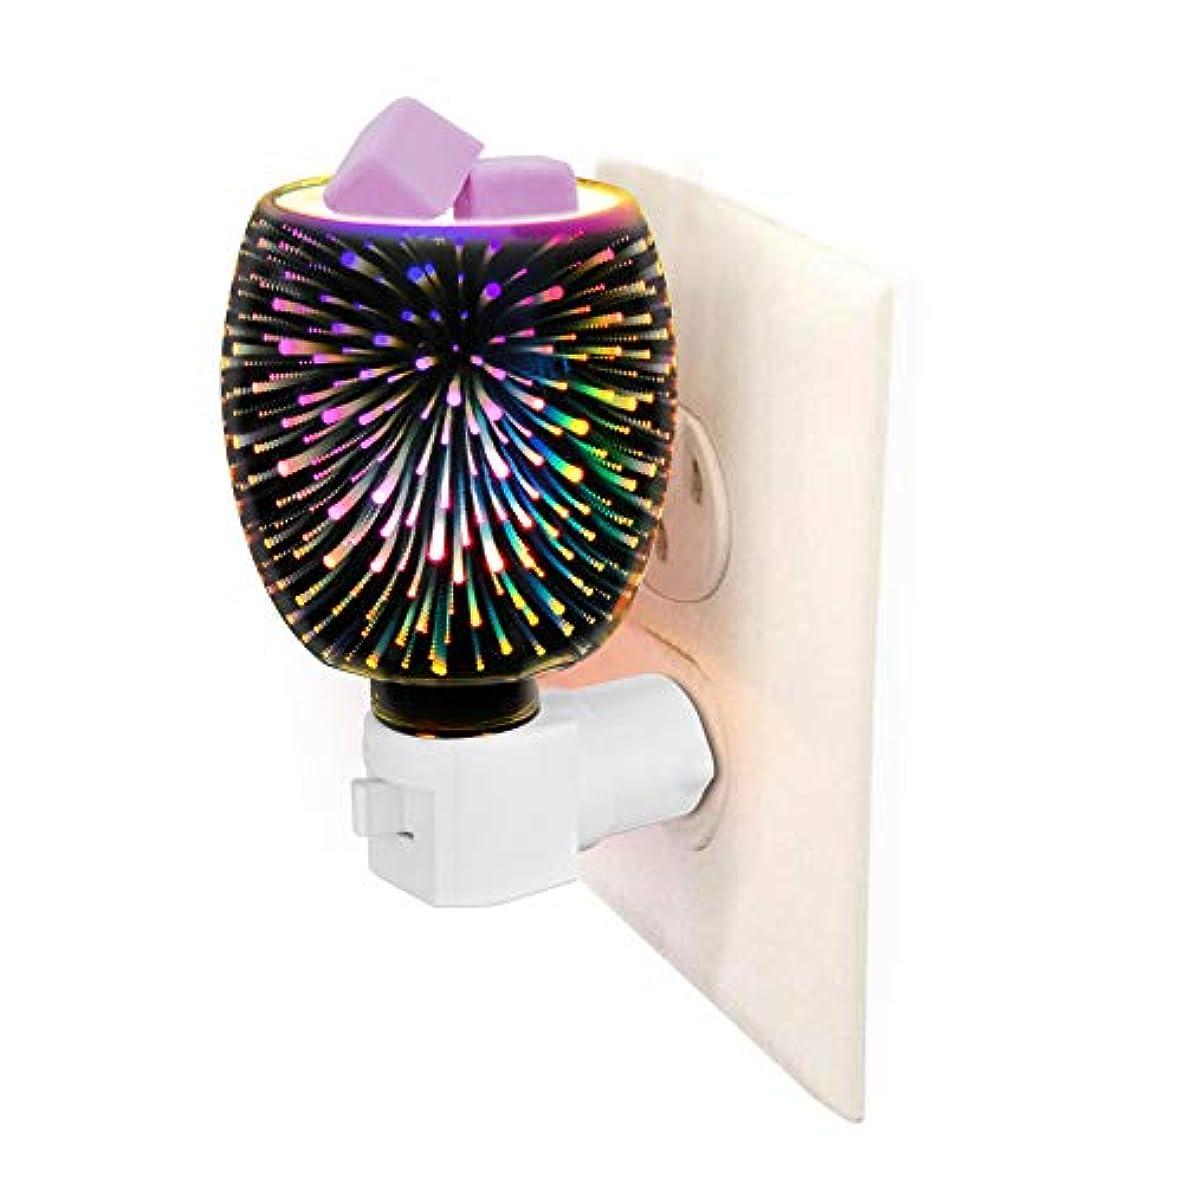 岩高度な晩餐3D Glass Pluggable Fragrance Warmer- Decorative Plug-in for Warming Scented Candle Wax Melts and Tarts or Essential Oils 141[並行輸入]